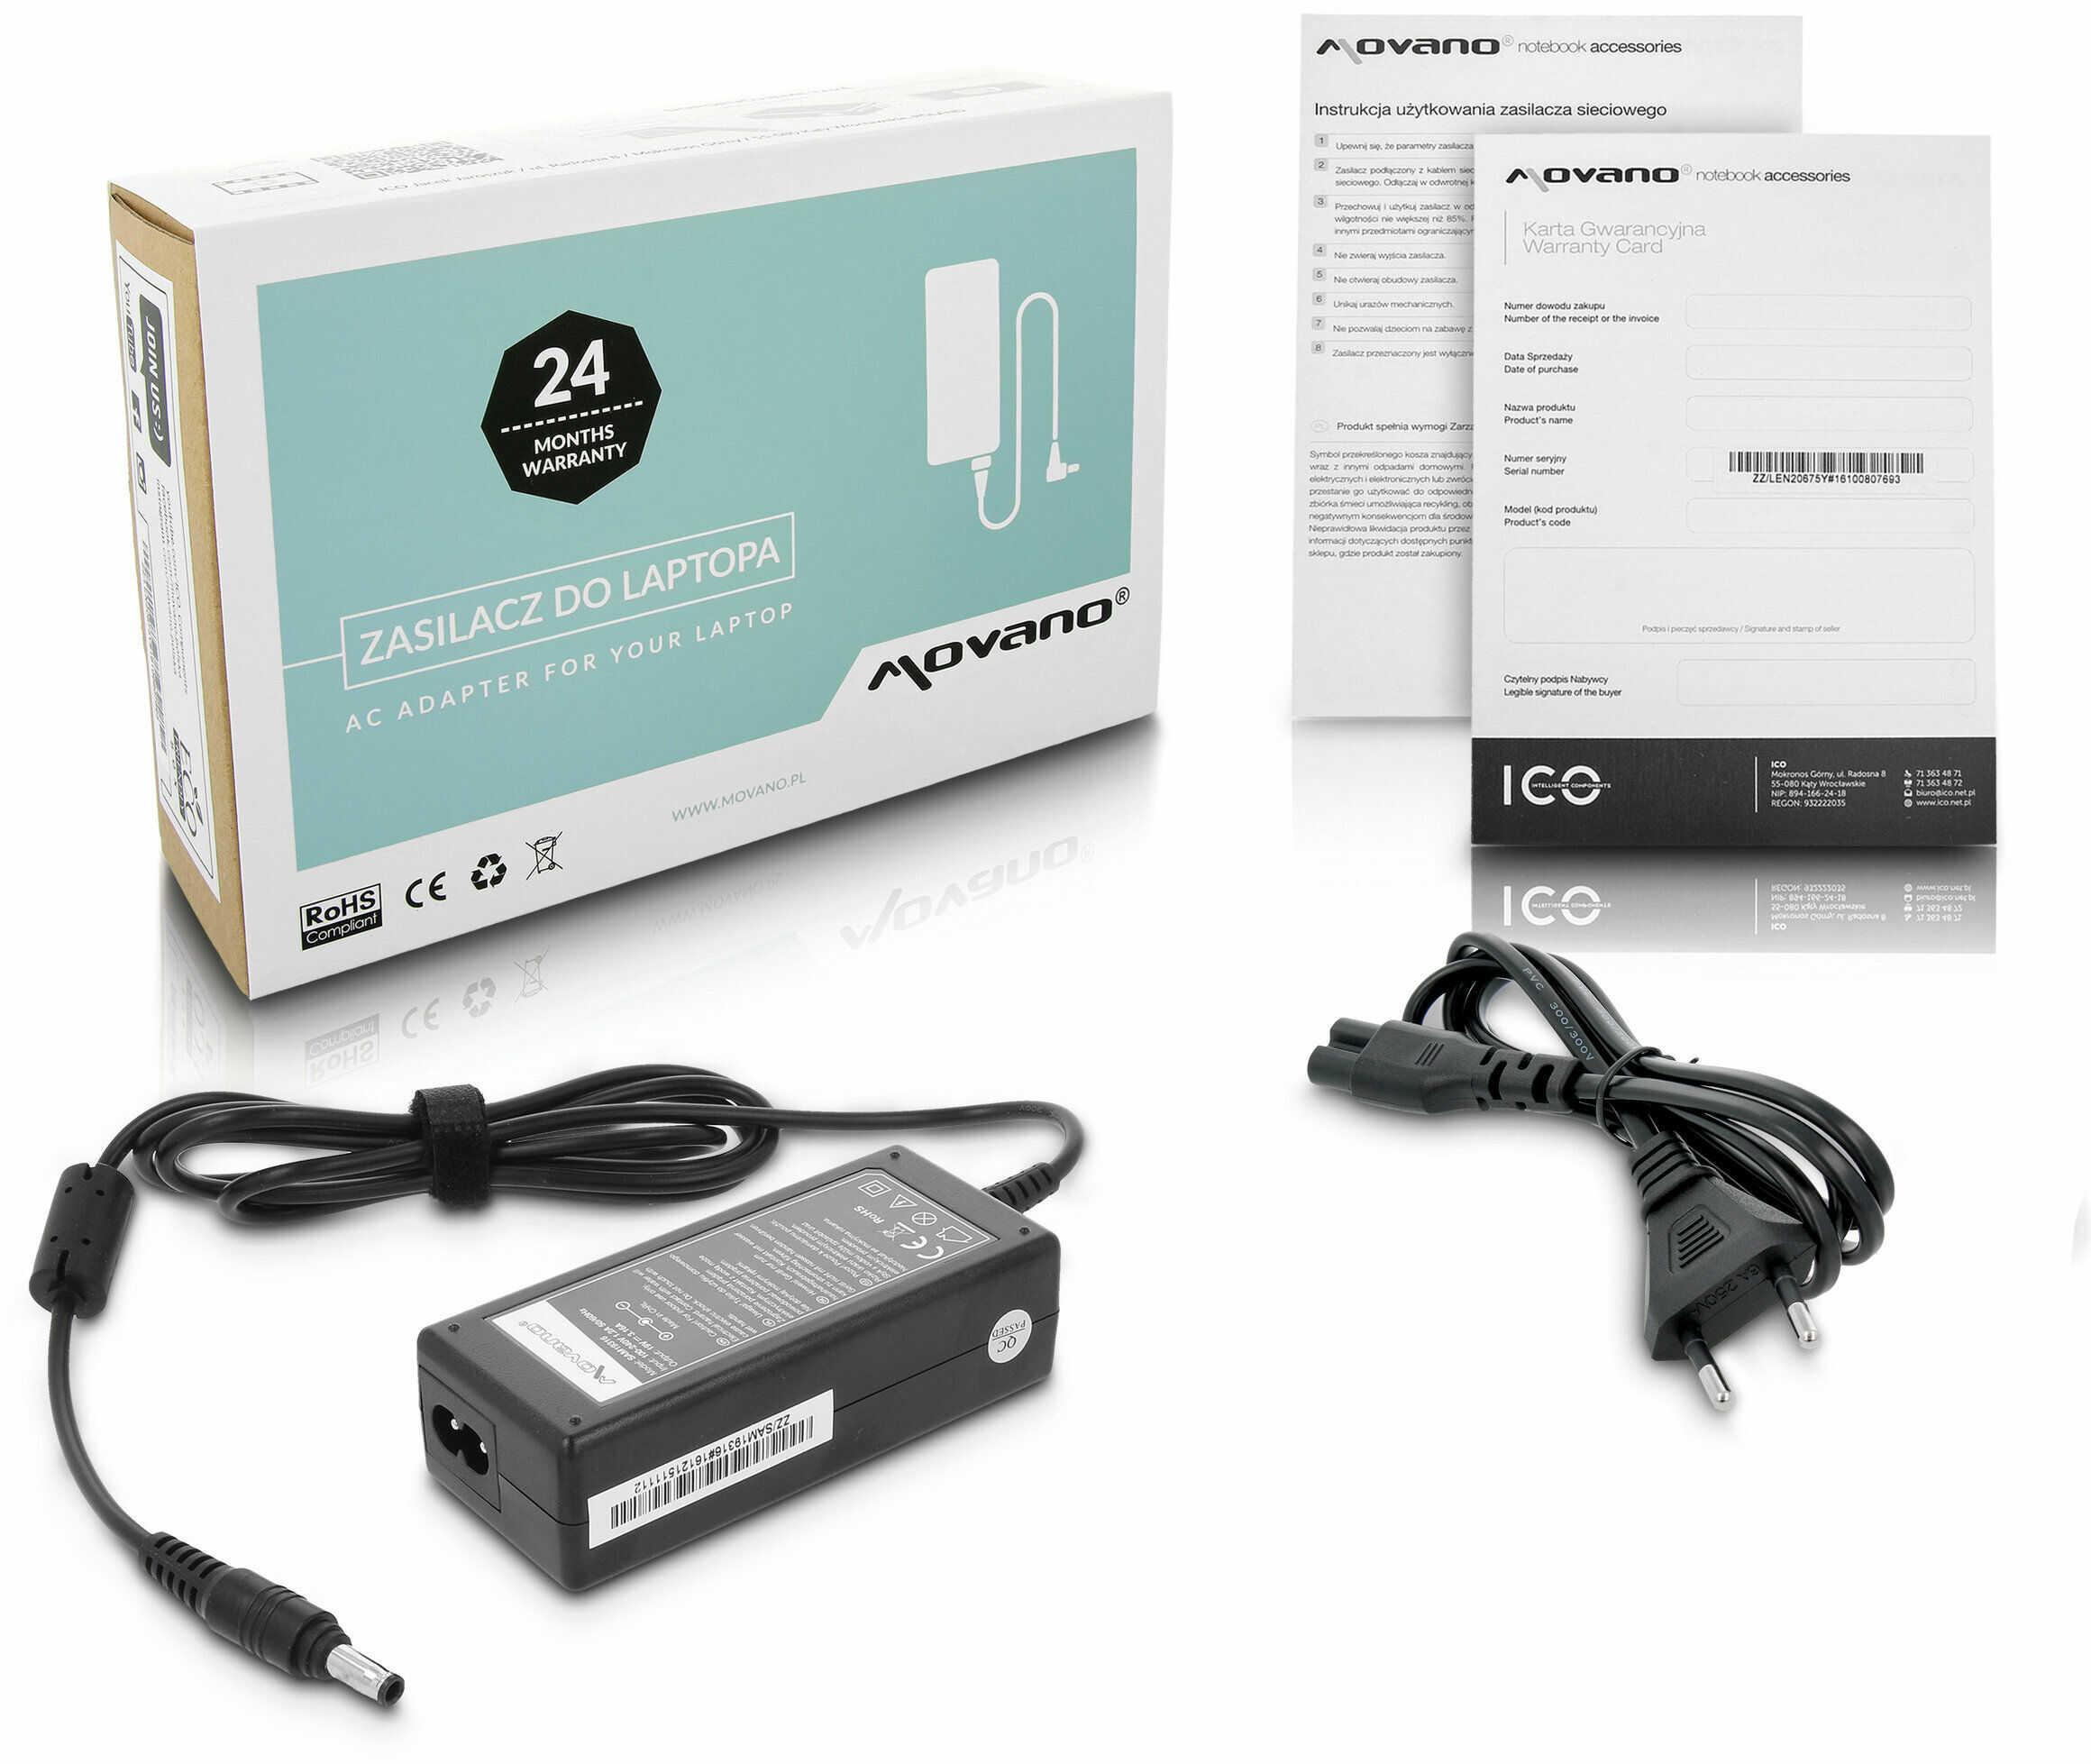 Zasilacz do laptopa Samsung SPA SPA-A10E/UK SPA-A10E/E SPA-830E/UK SPA-830E/EUR